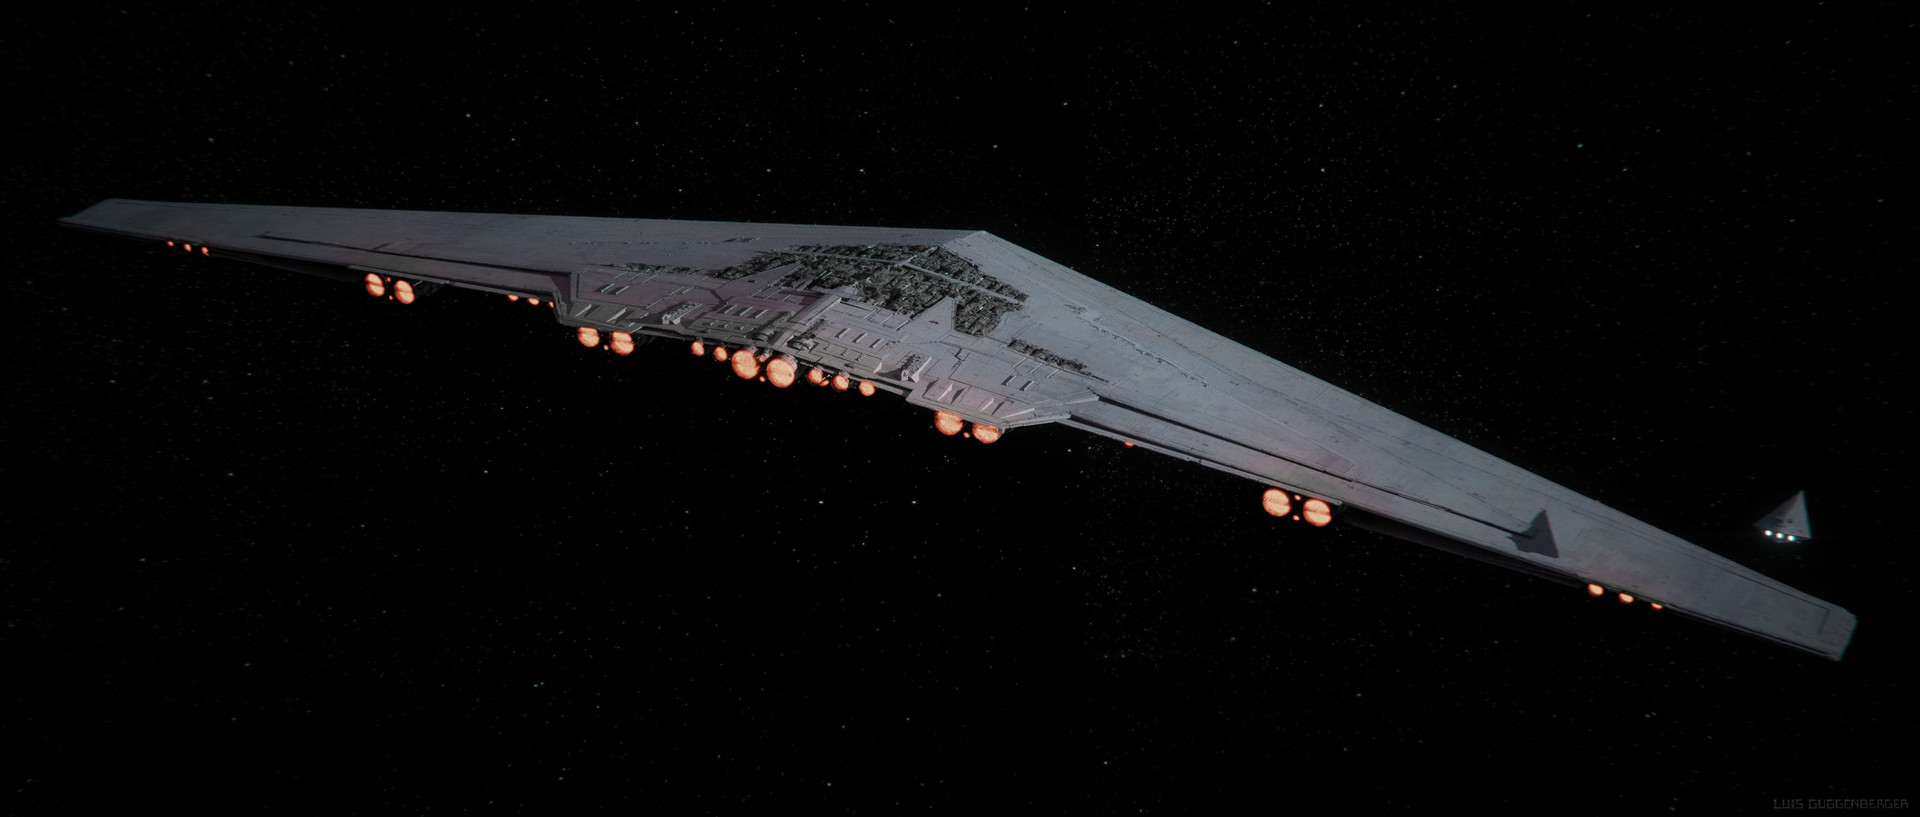 luis-guggenberger-sb-mega-destroyer-v049